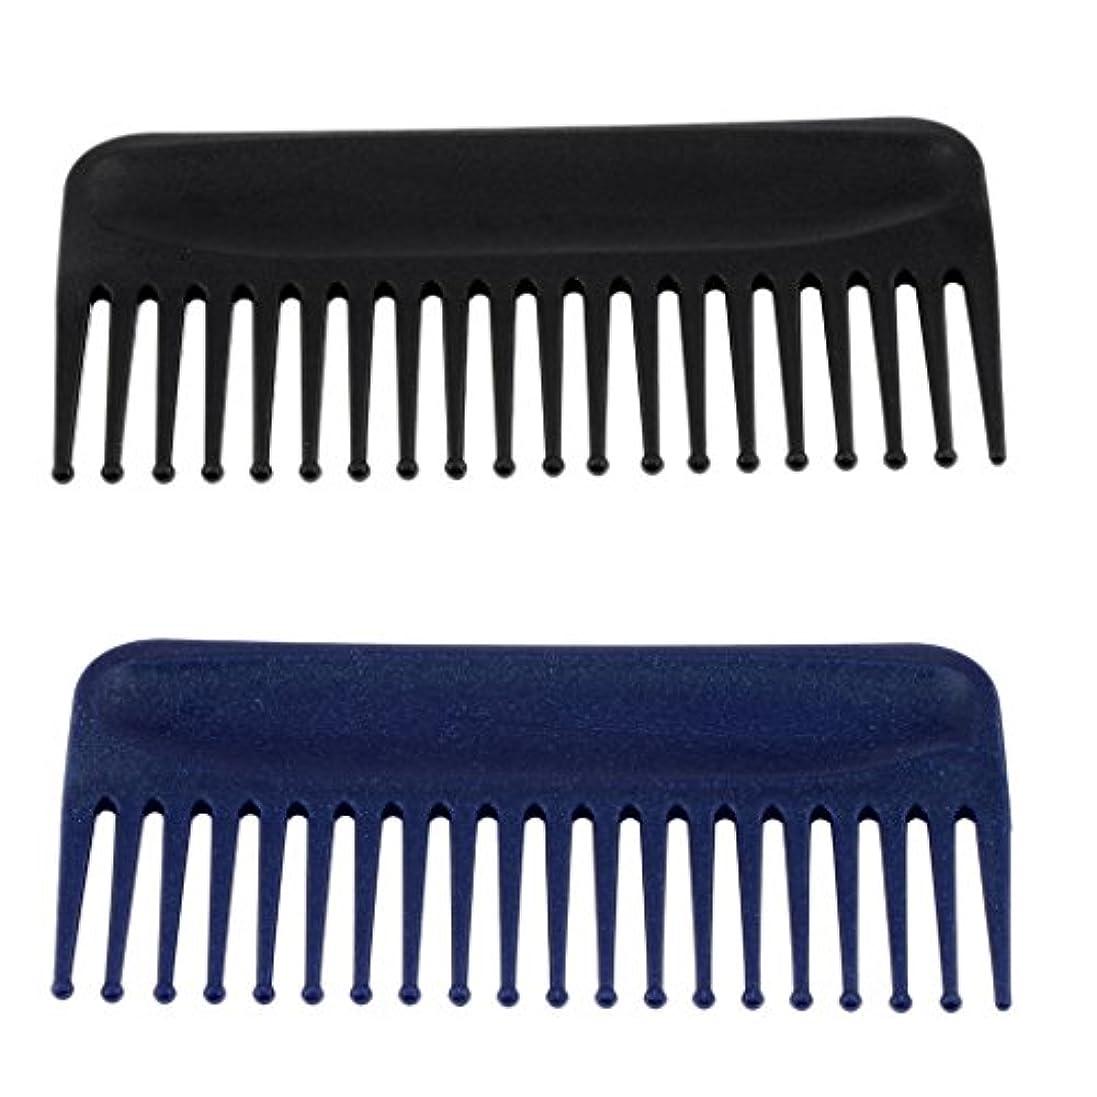 2個 帯電防止櫛 ヘアブラシ ワイド歯 耐熱性 サロン ヘアカット ヘアケア